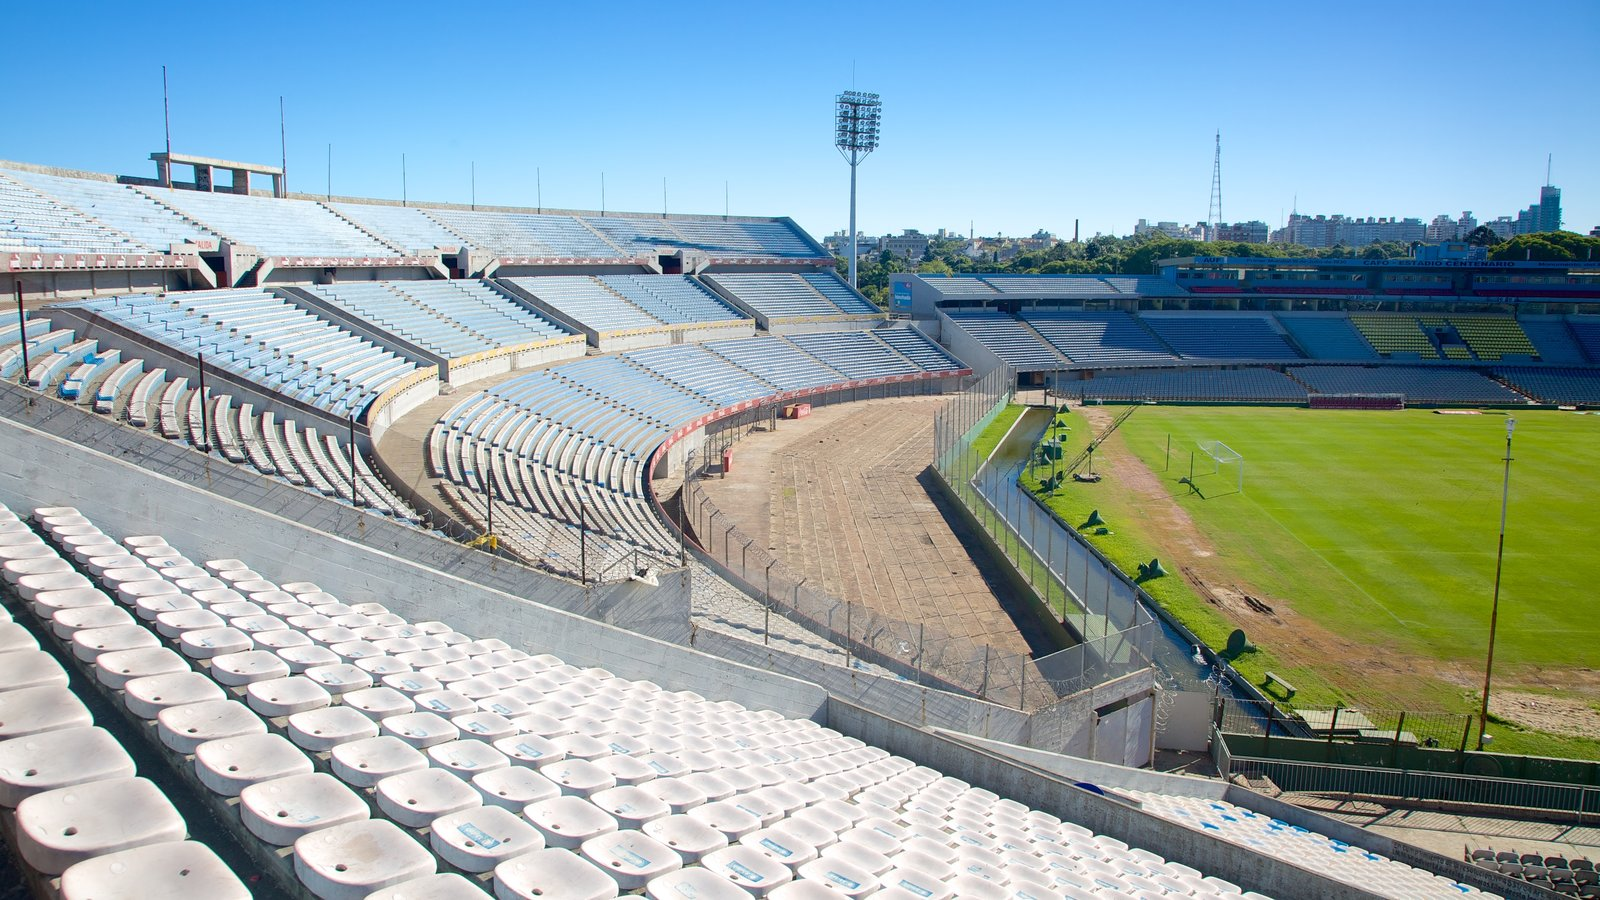 Estádio Centenario